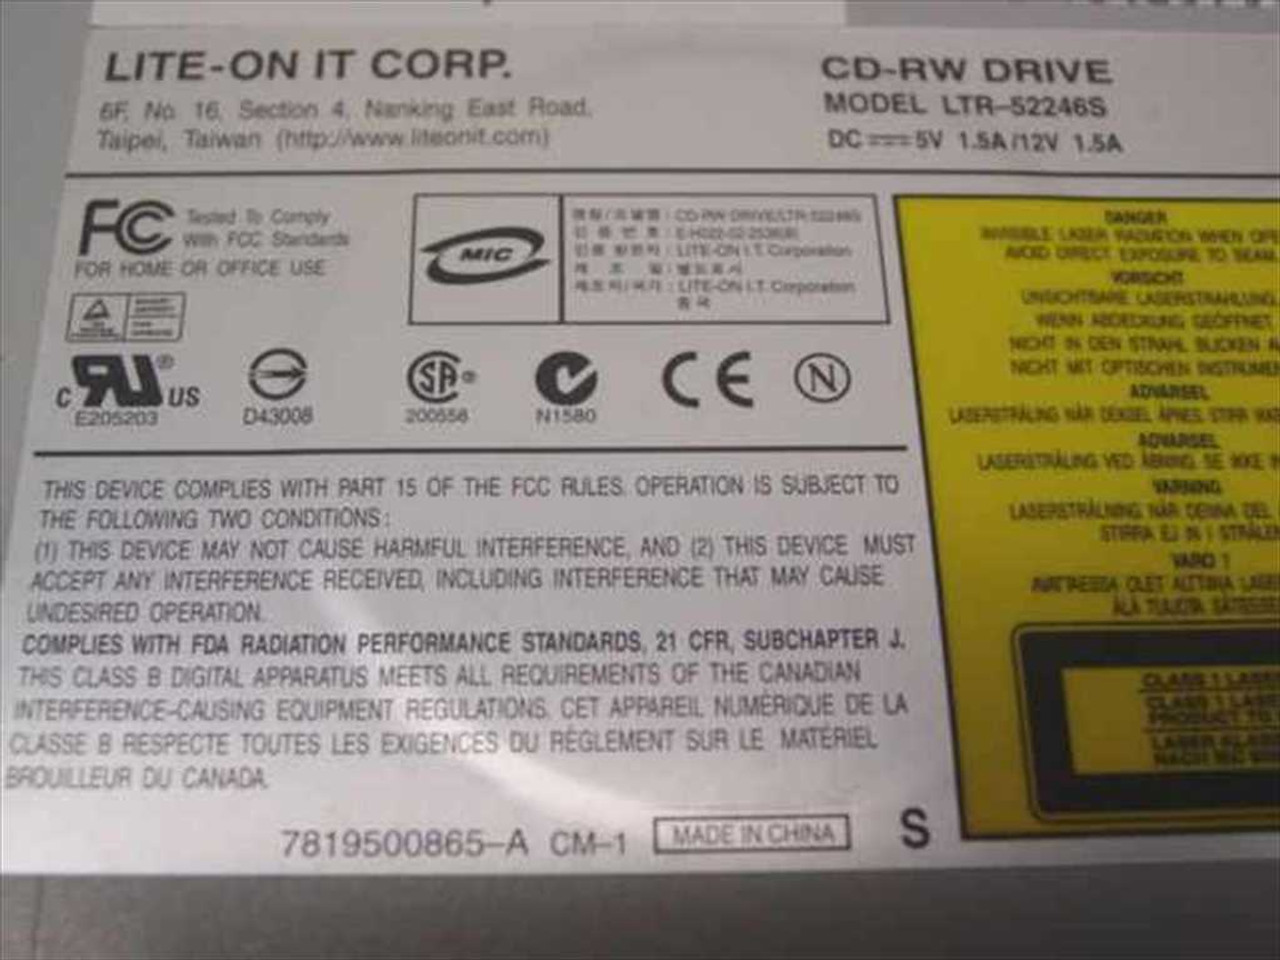 LITE-ON LTR 52246S DOWNLOAD DRIVER